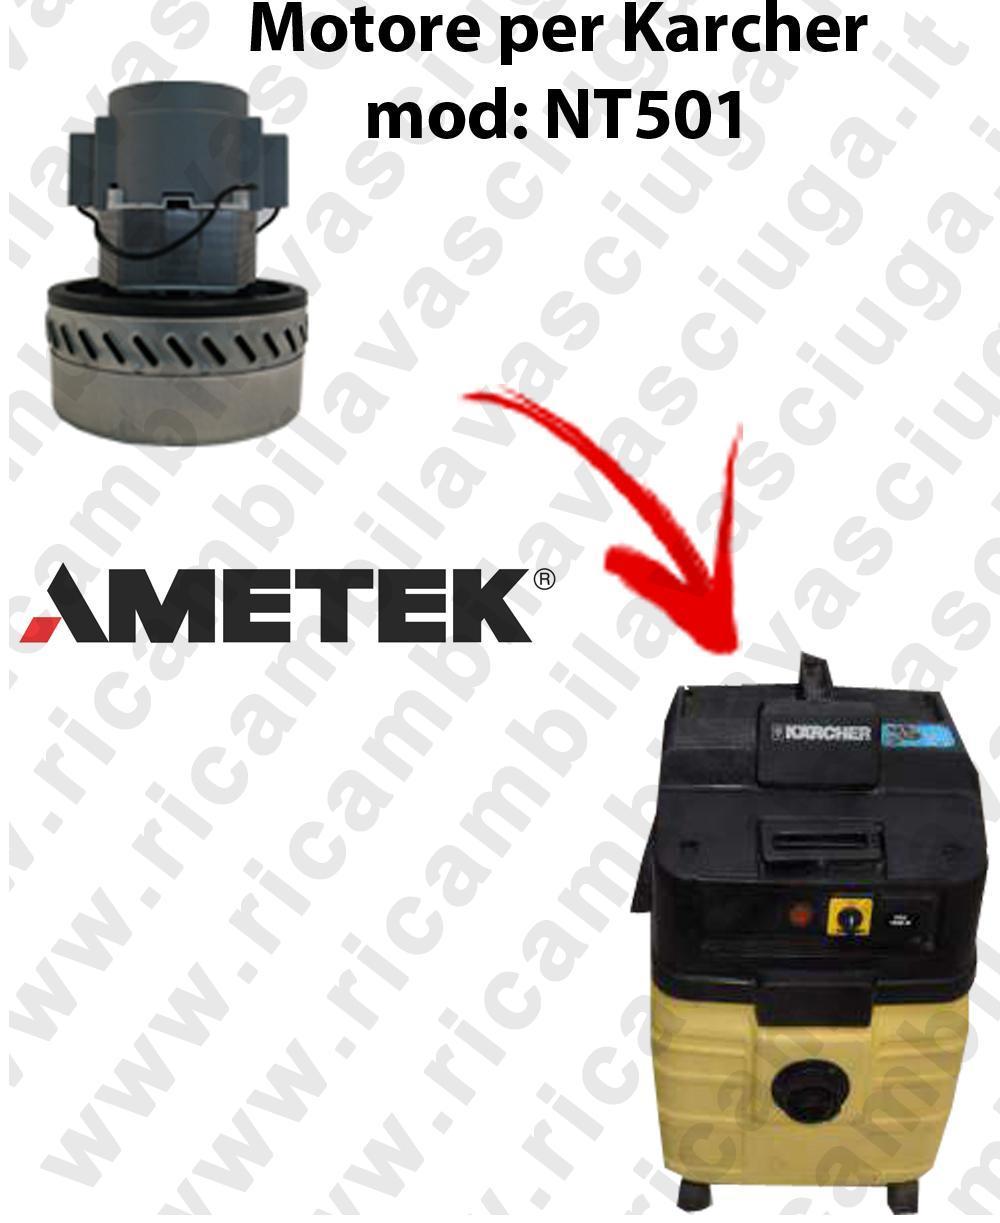 NT501 Motore de aspiración AMETEK  para aspiradora KARCHER